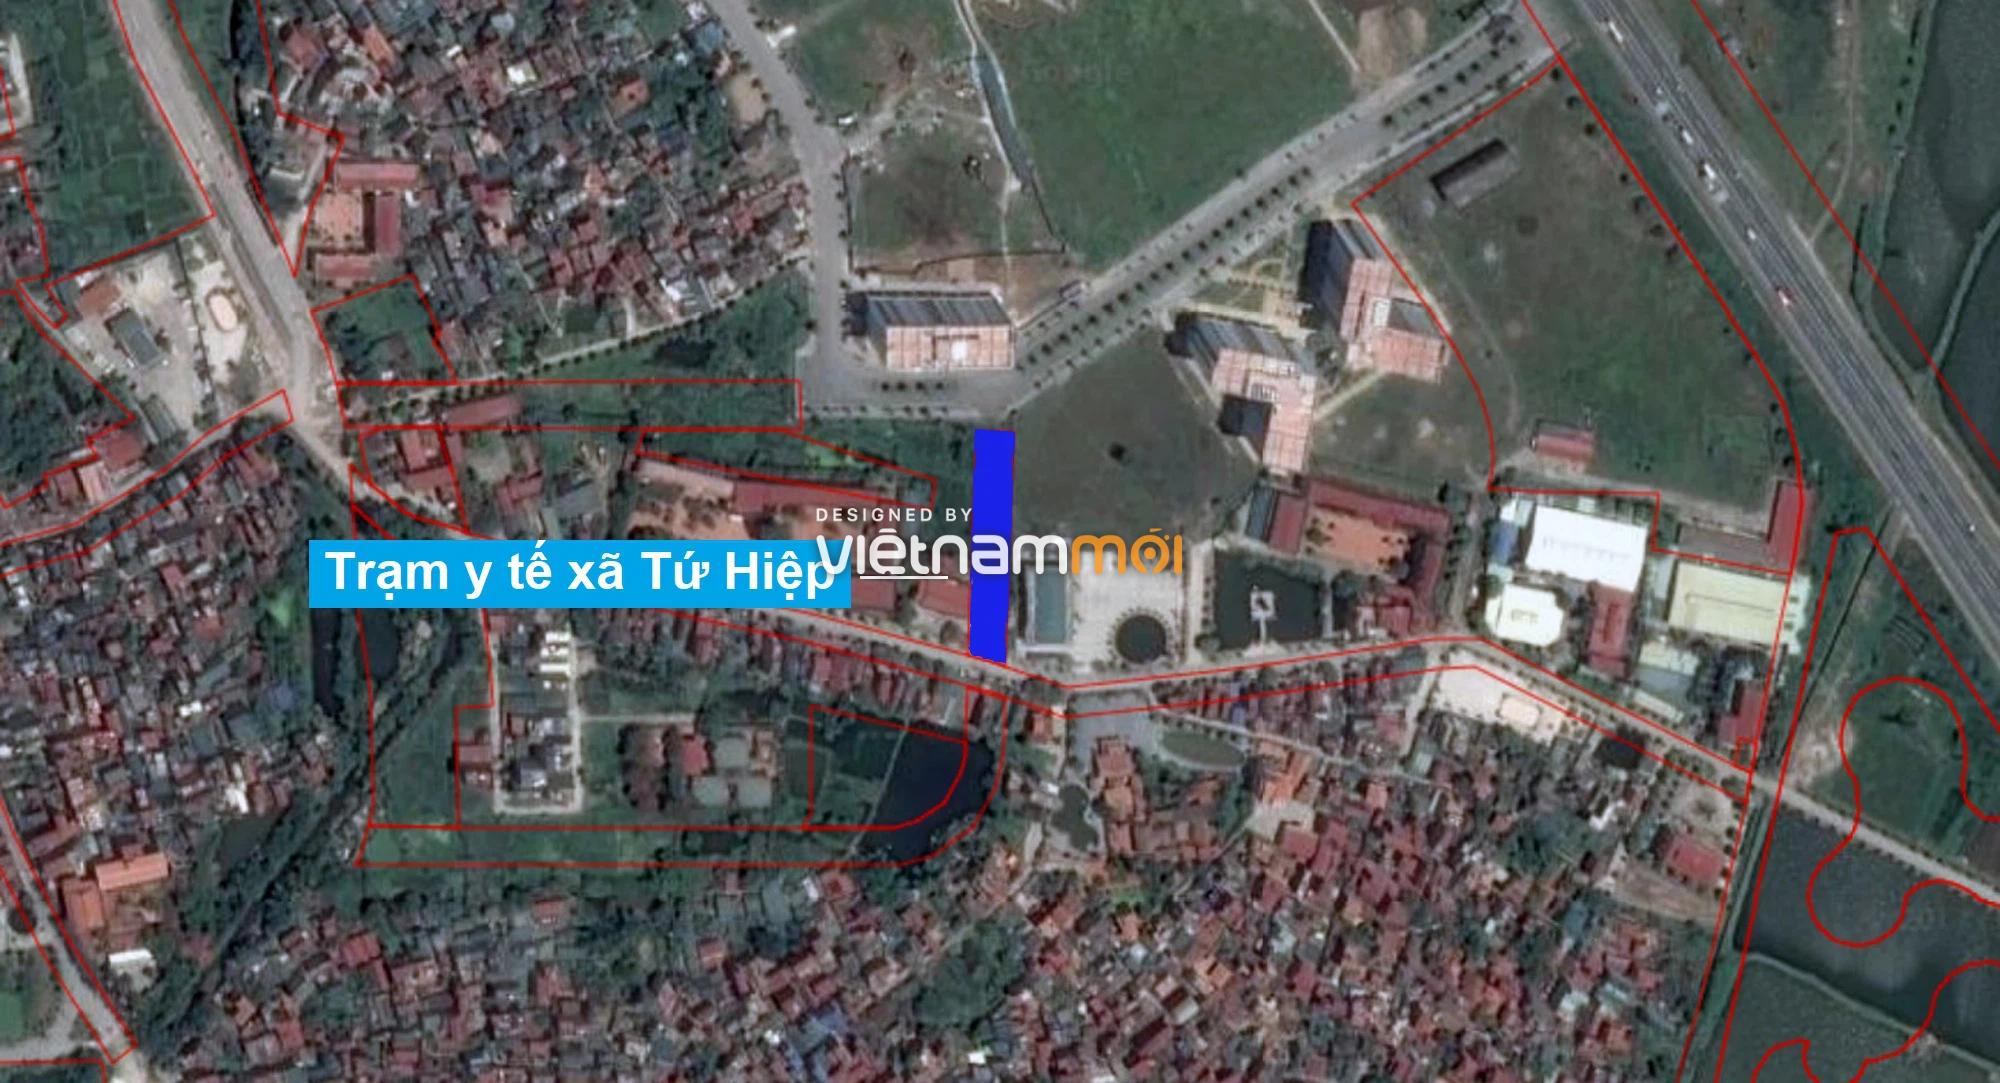 Những khu đất sắp thu hồi để mở đường ở xã Tứ Hiệp, Thanh Trì, Hà Nội (phần 1) - Ảnh 16.